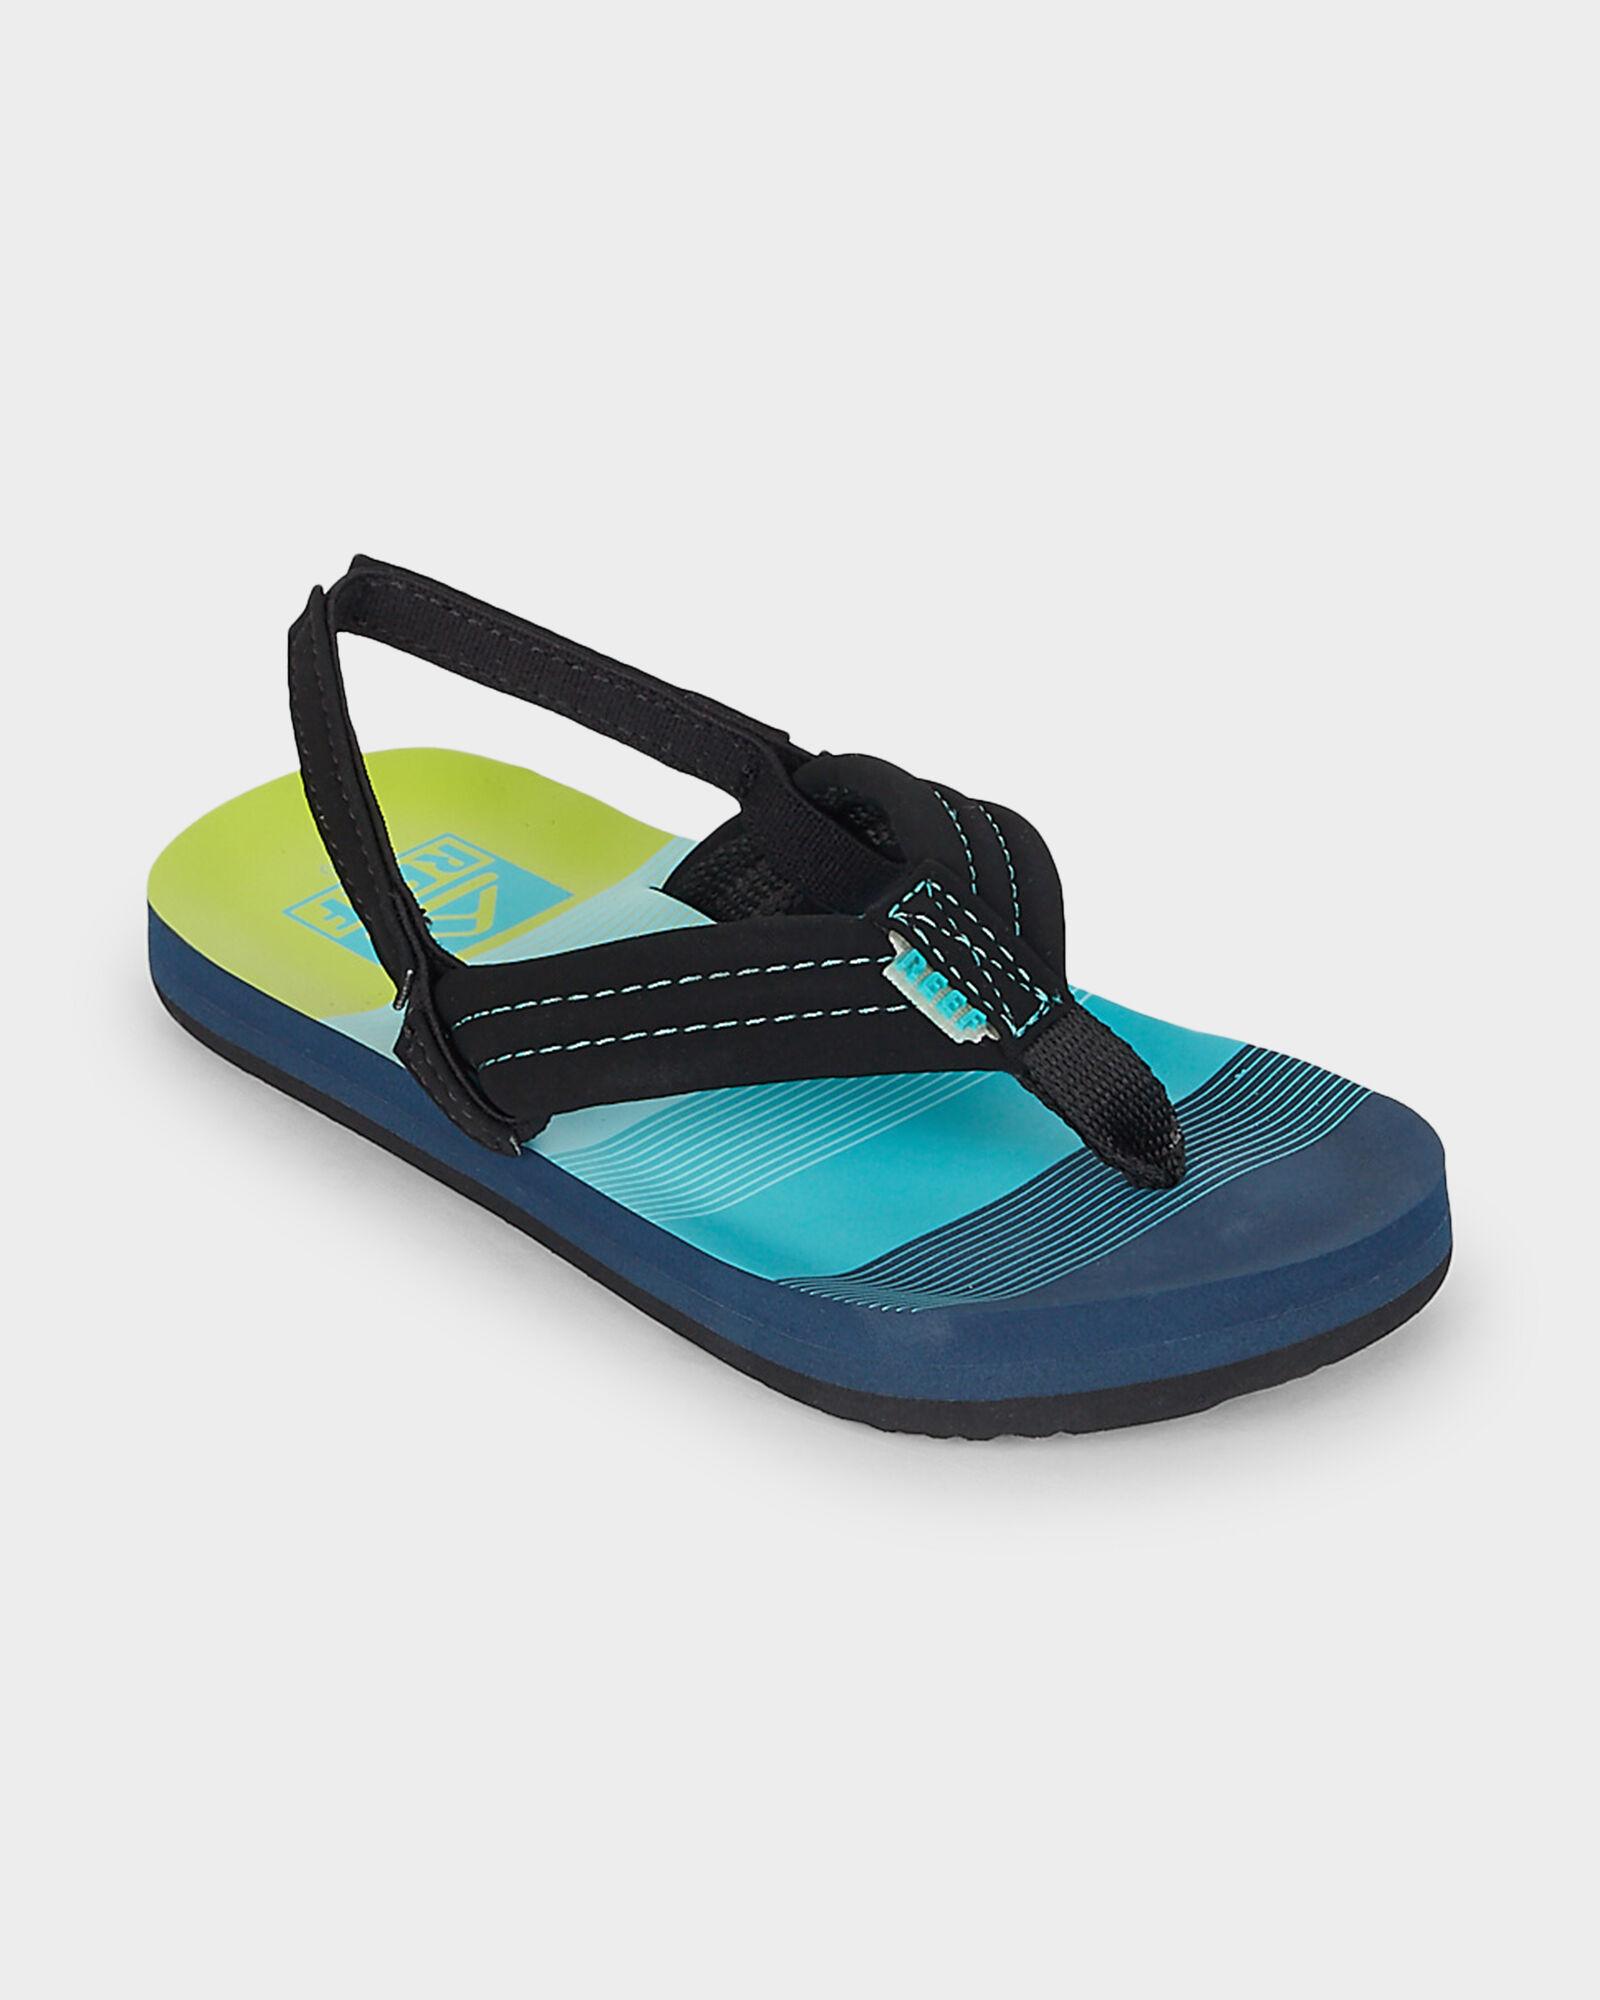 73477221afe8 REEF Ahi Toddler Boys Slip On Aqua Green Flip Flop Sandals Size 3 4 T Baby  Shoes